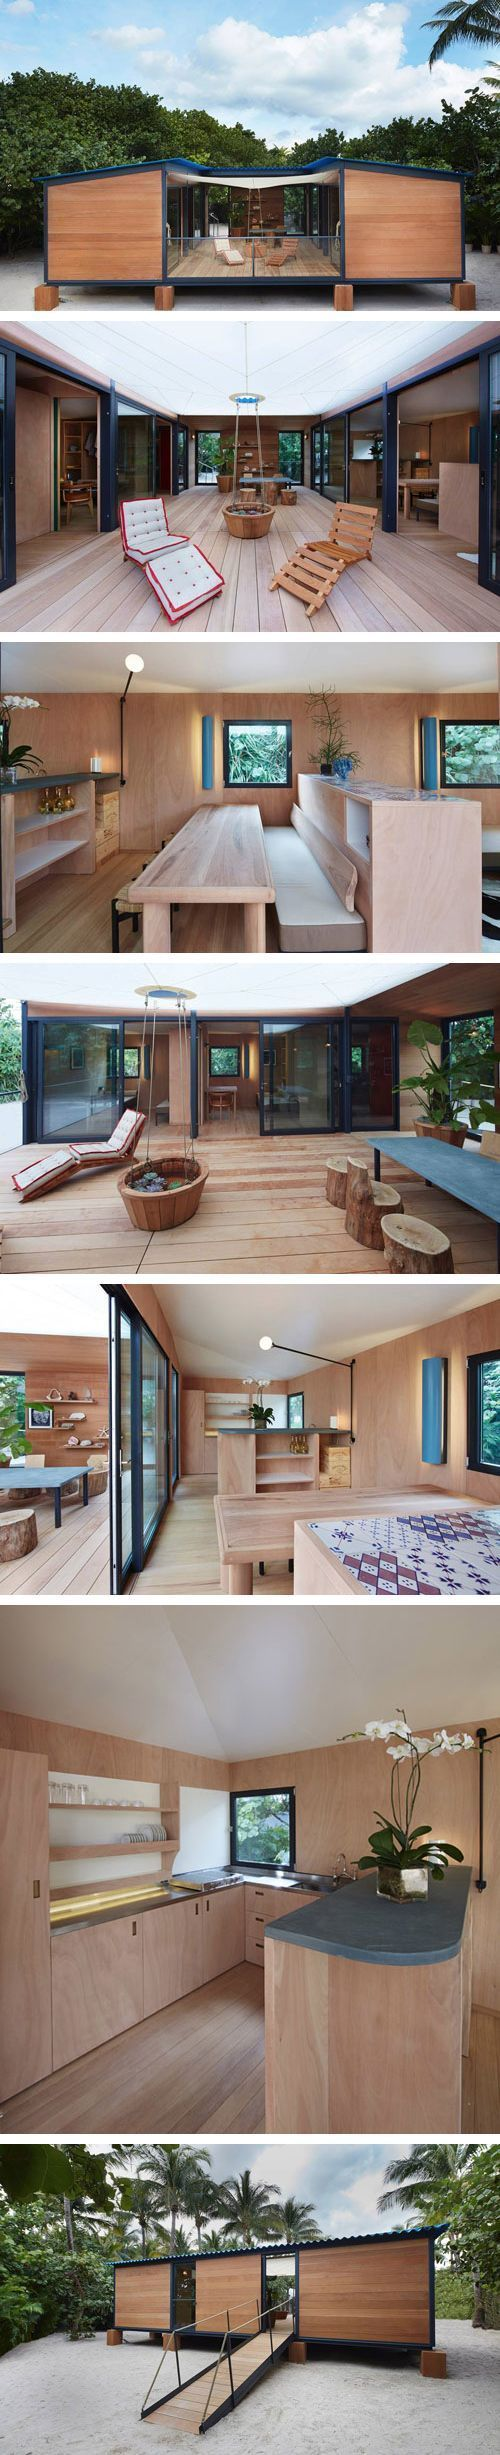 Charlotte Perriand La Maison au Bord de l'Eau. Rebuilt for Art Basel Miami Beach with LV's support